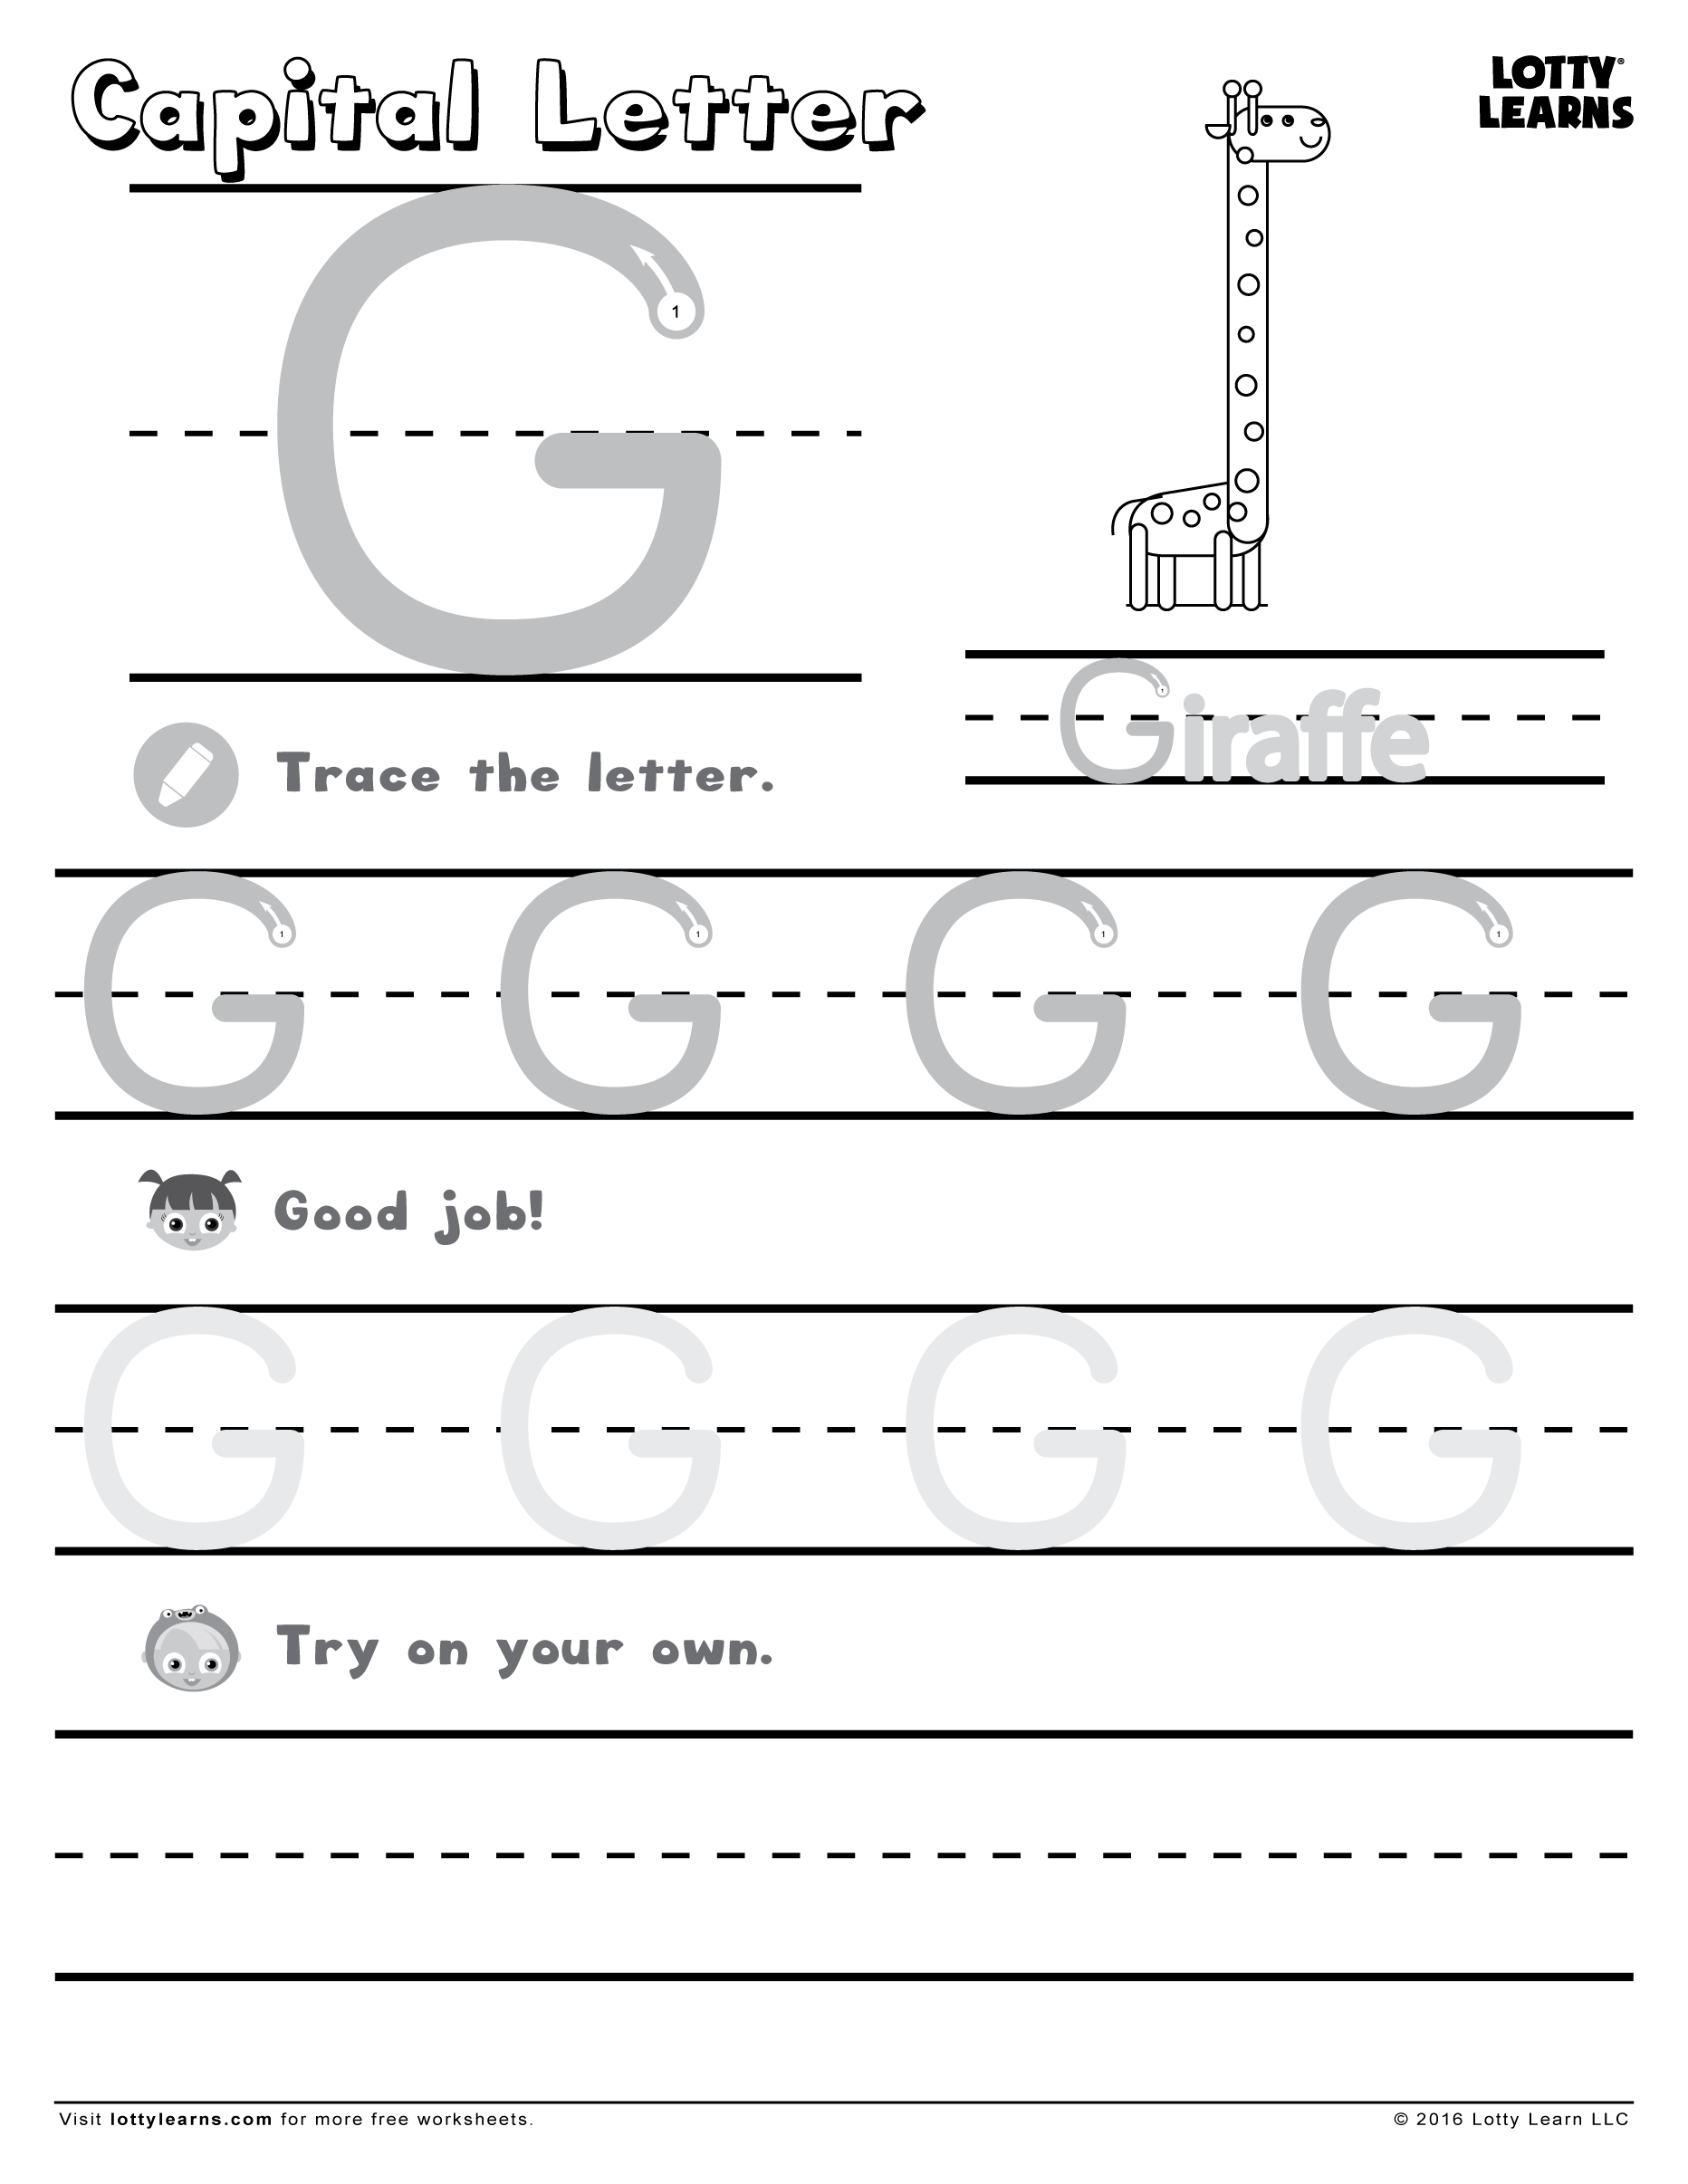 Capital Letter G